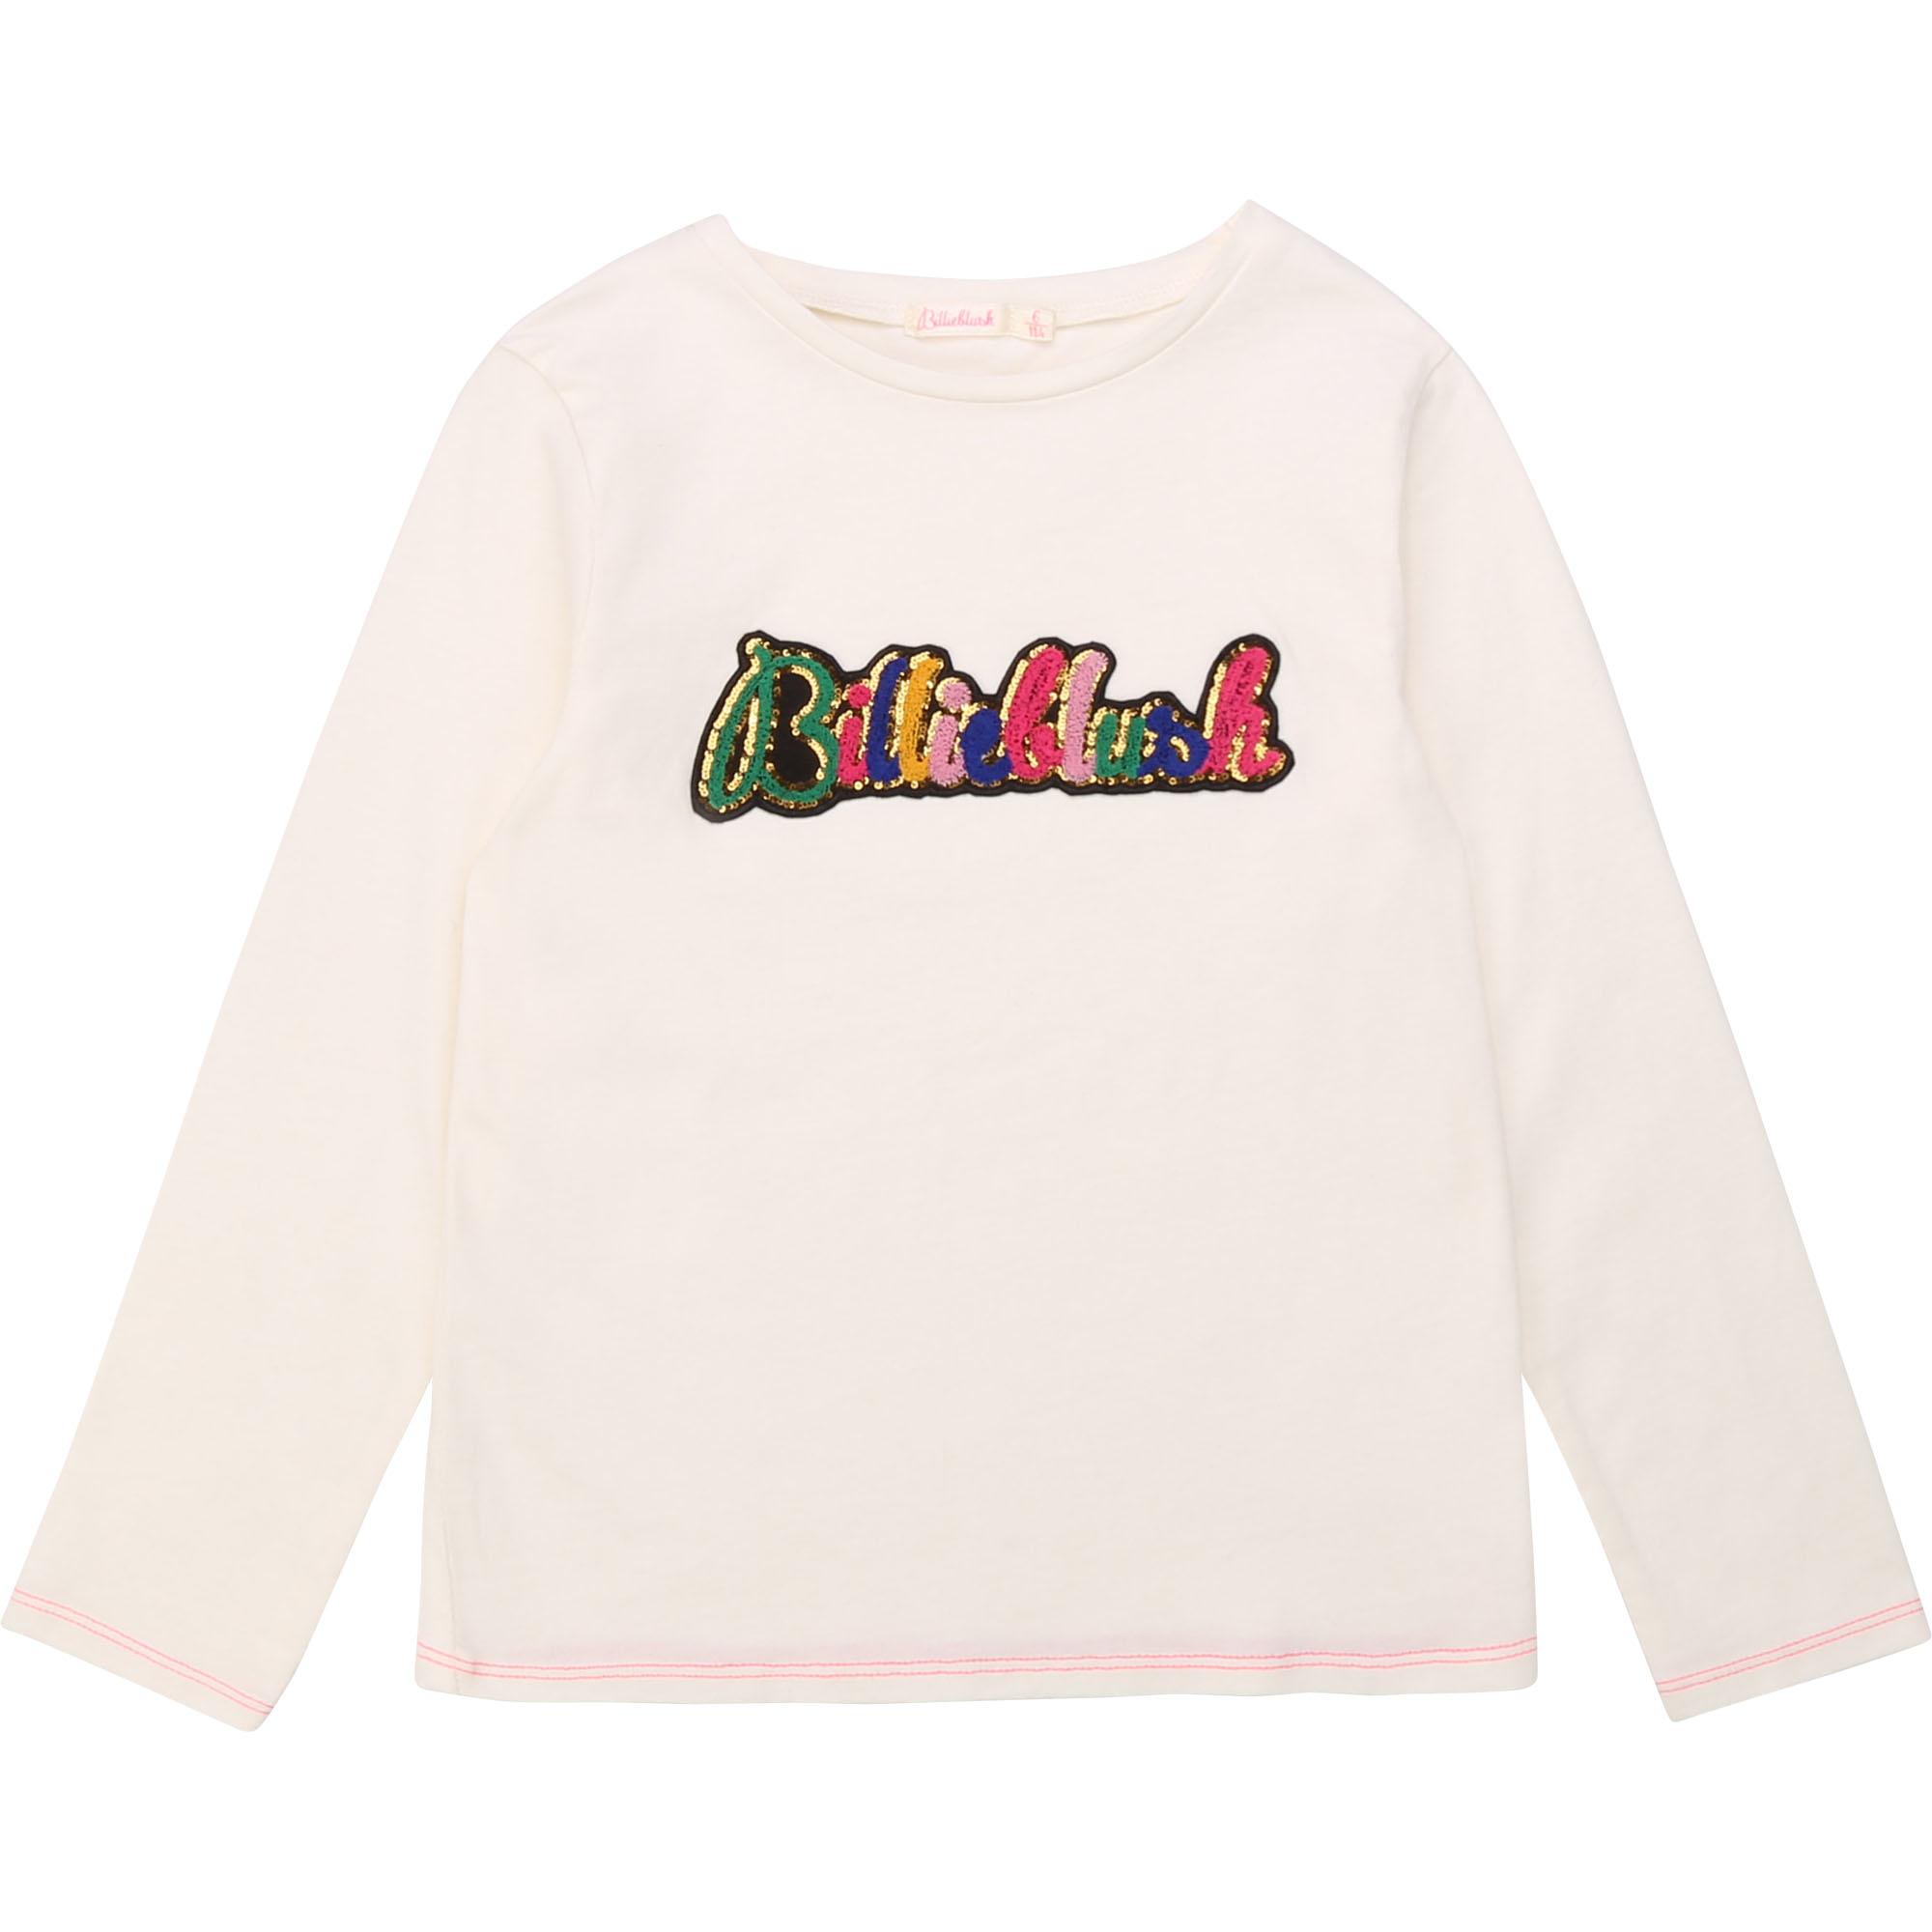 BILLIEBLUSH t-shirt en coton patch brodé-1